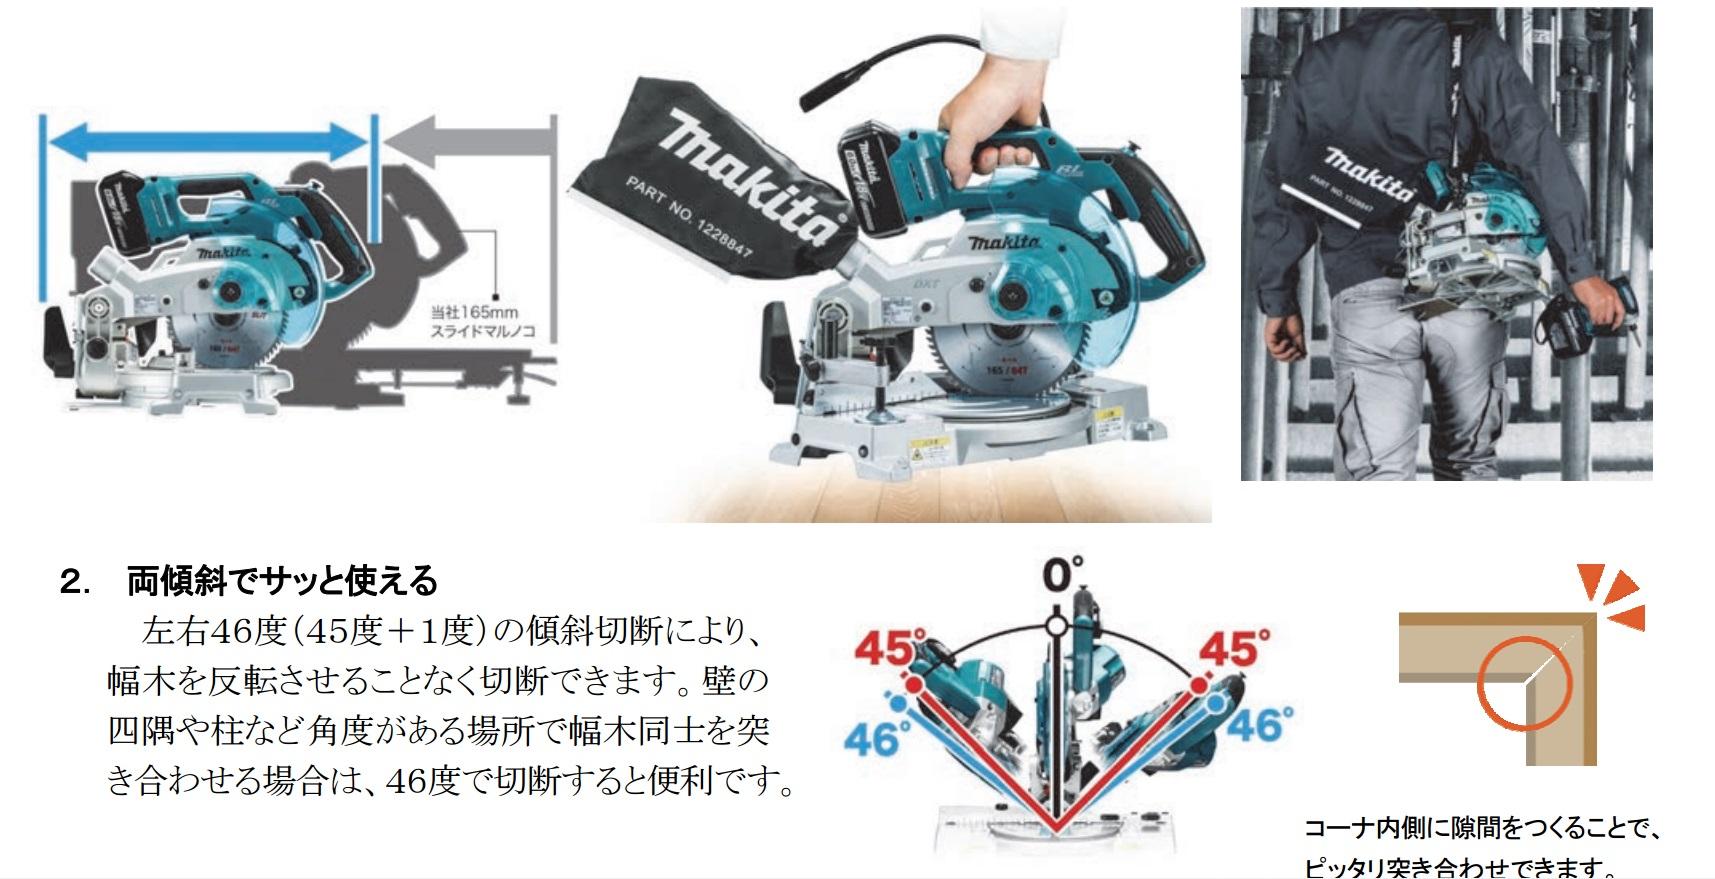 Makita LS600D pics tool craze